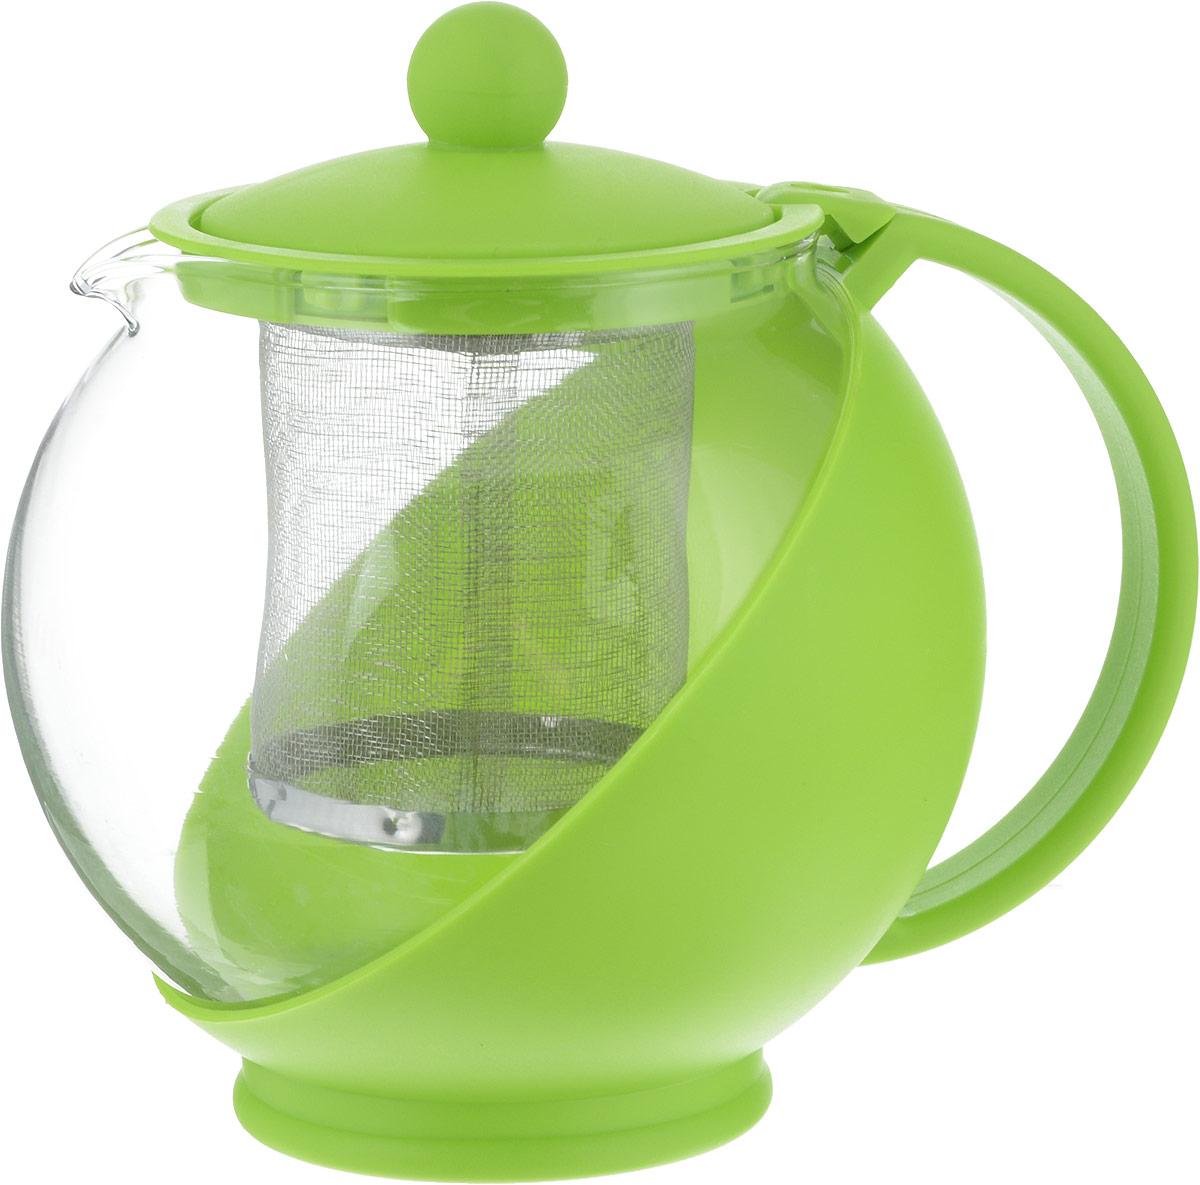 Чайник заварочный Irit, цвет: зеленый, 0,75 л. KTZ-075-003630028Чайник заварочный изготовлен из термостойкого не нагревающегося пластика и ударостойкого жаропрочного стекла. Съемный фильтр-ситечко из высококачественной хромо-никелевой нержавеющей стали с мелкими ячейками для чая разных сортов и разной степени измельчения рассчитан на оптимальное количество заварки при разных объемах чайников.Аккуратный птичий носик, из которого чай течет непосредственно в чашку, а не по выпуклому брюшку чайника. Устойчивое основание.Небольшой вес.